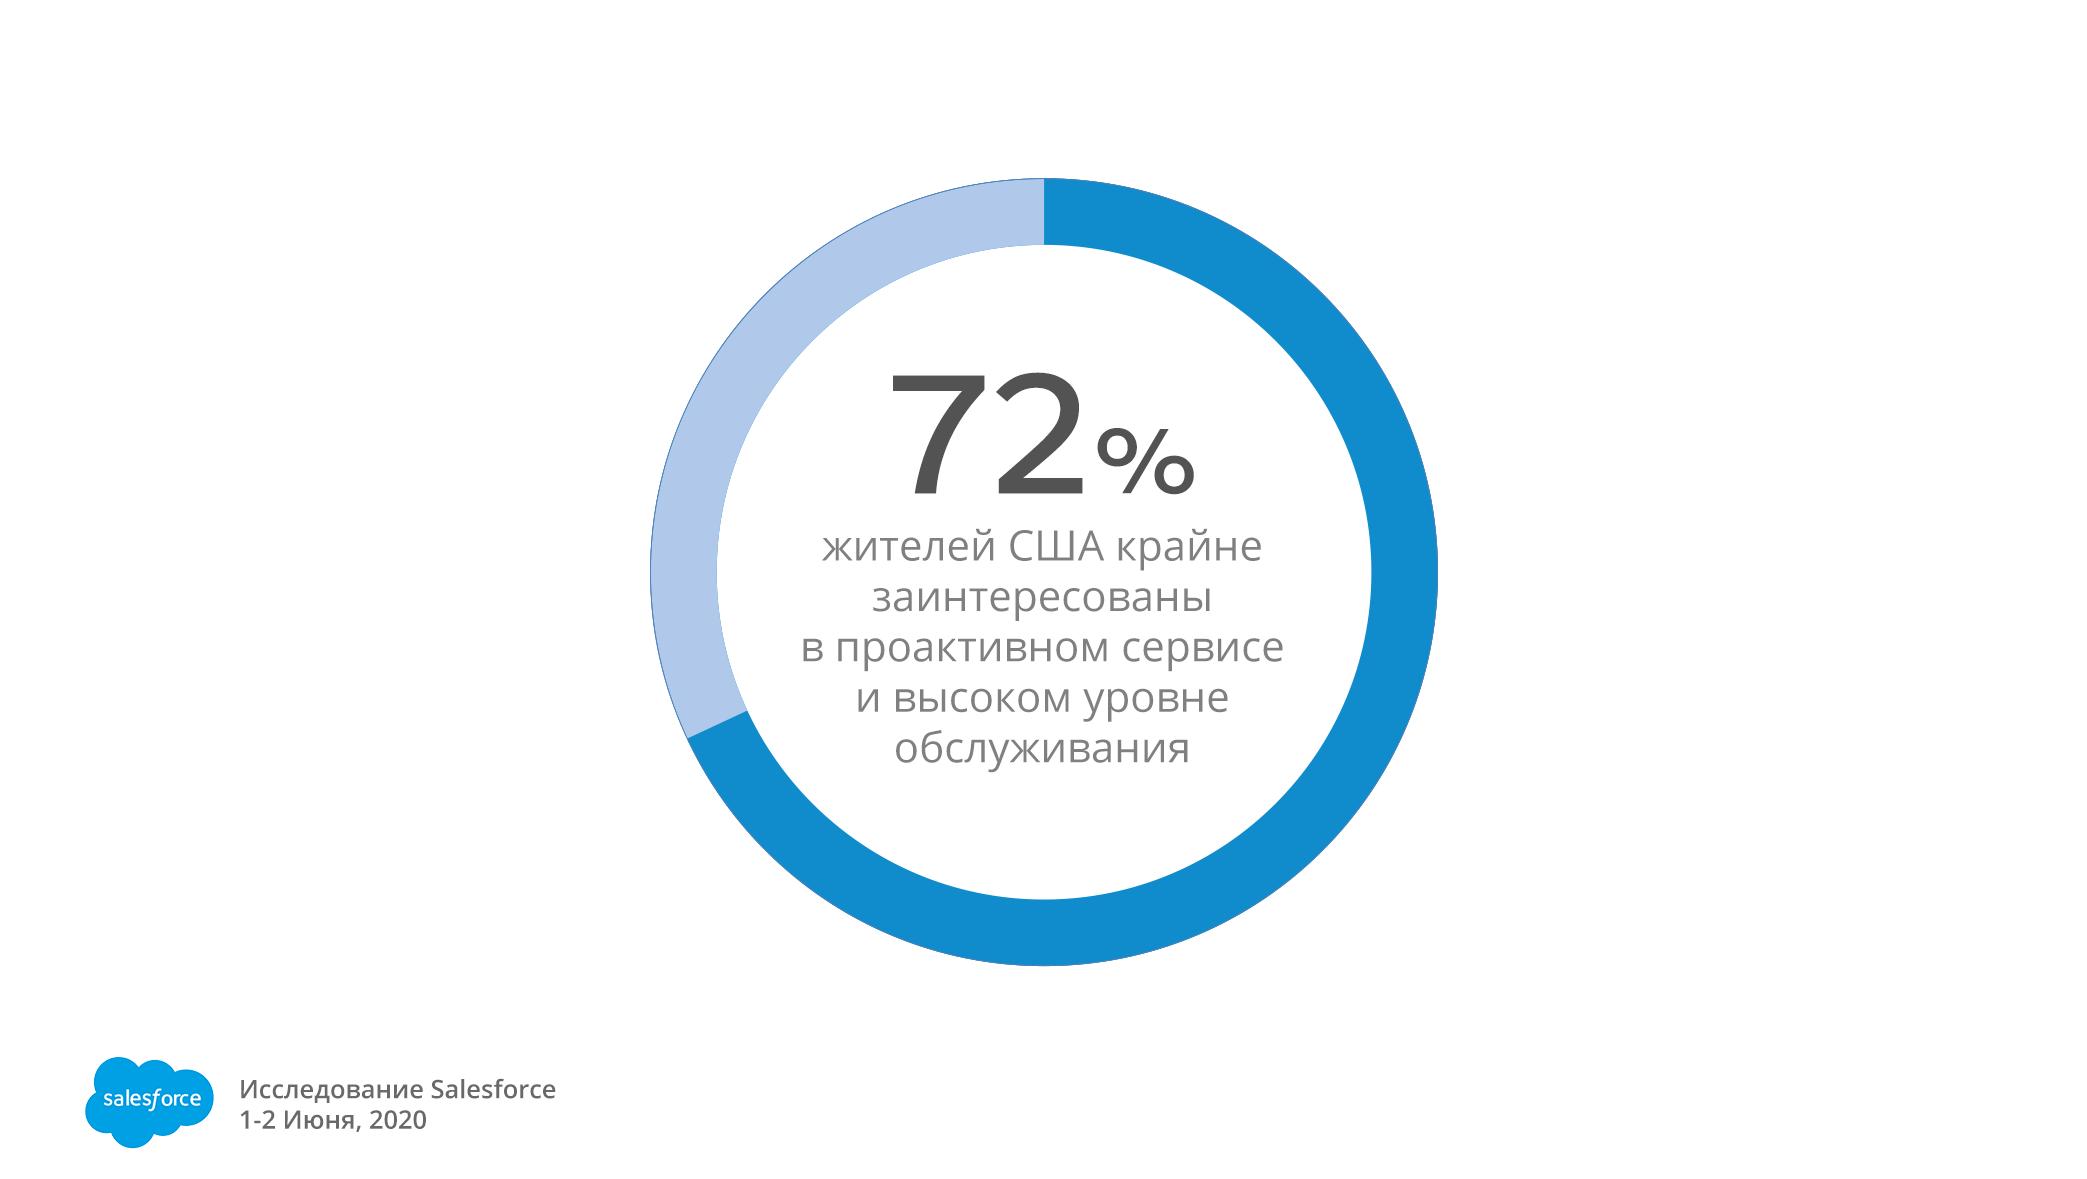 Исследование Salesforce —  основные критерии стандартов качества обслуживания клиентов